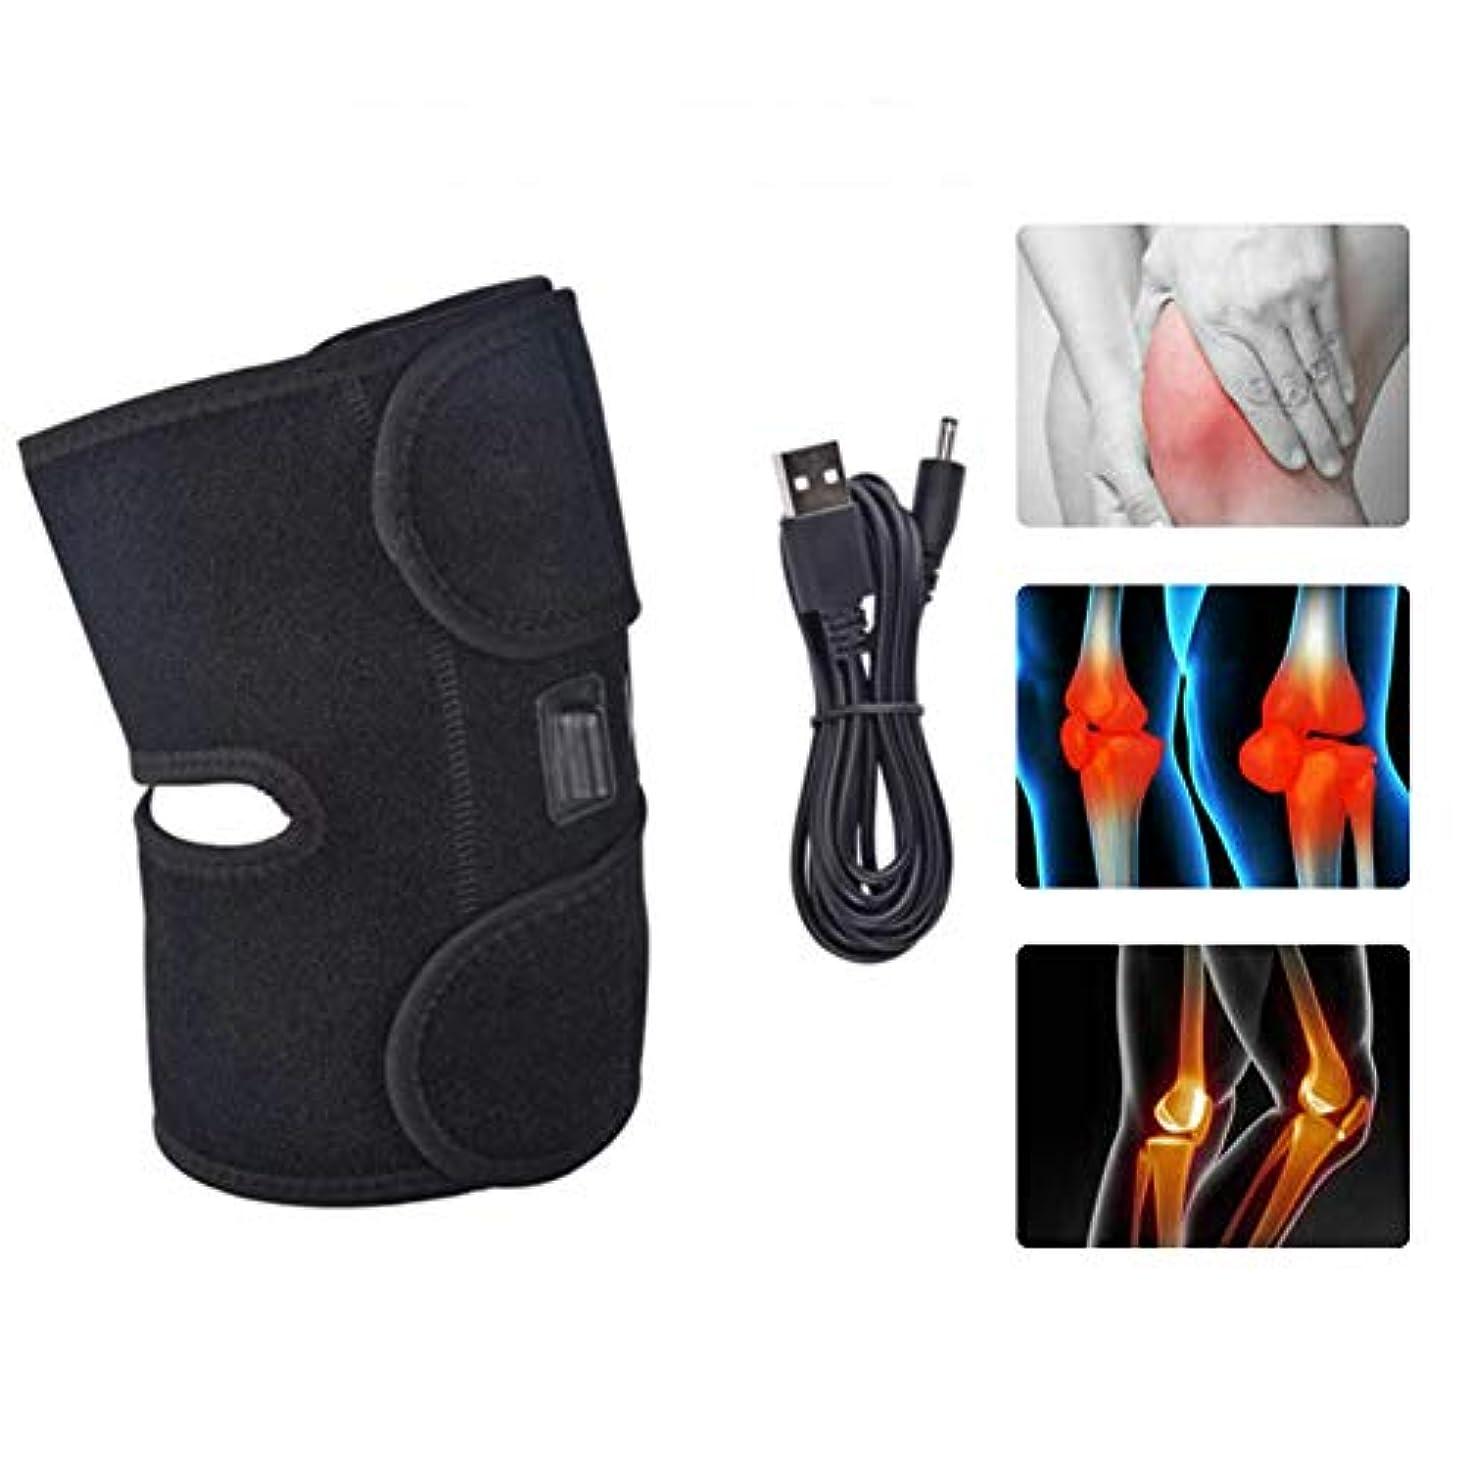 擬人エキスパートアコード電気加熱膝ブレースサポート - 膝温ラップラップパッド - 療法ホット圧縮3ファイル温度で膝の傷害,2pcs